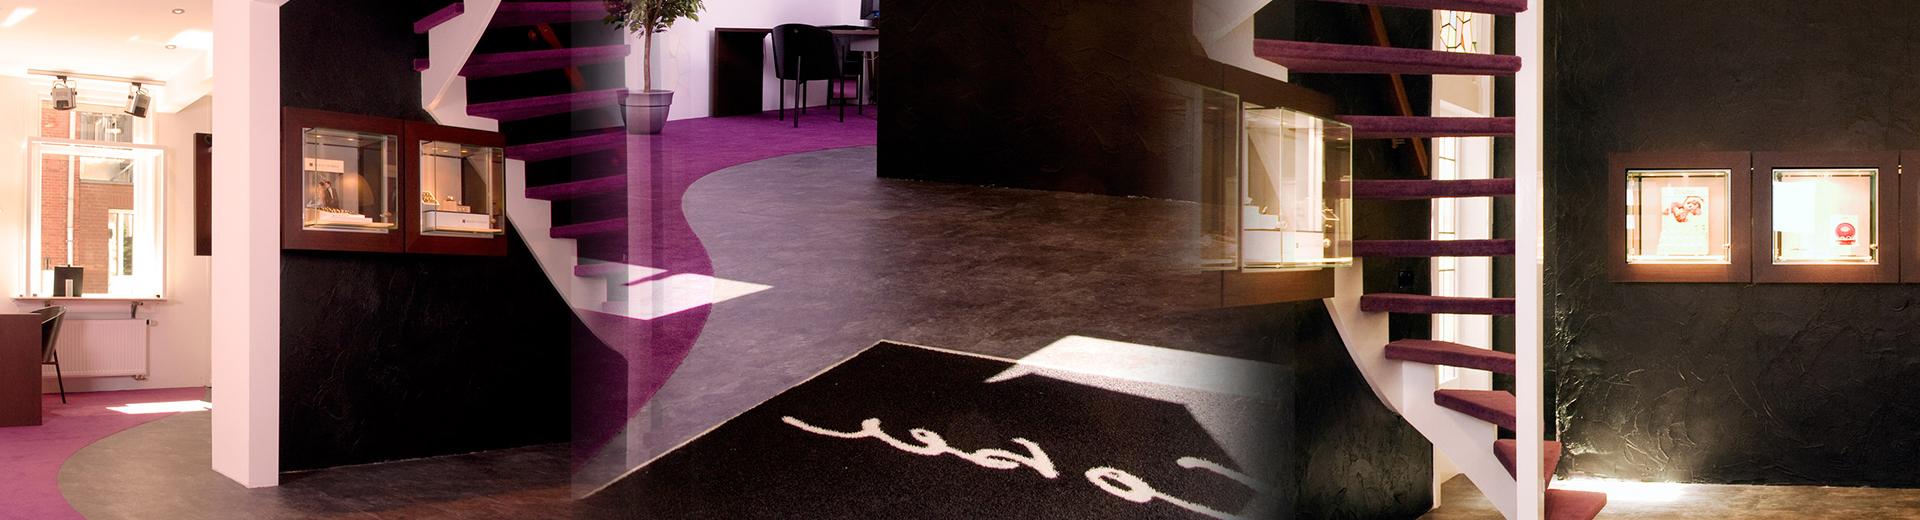 Yben Interieur en Projectdesign | Sfeervol wonen en werken